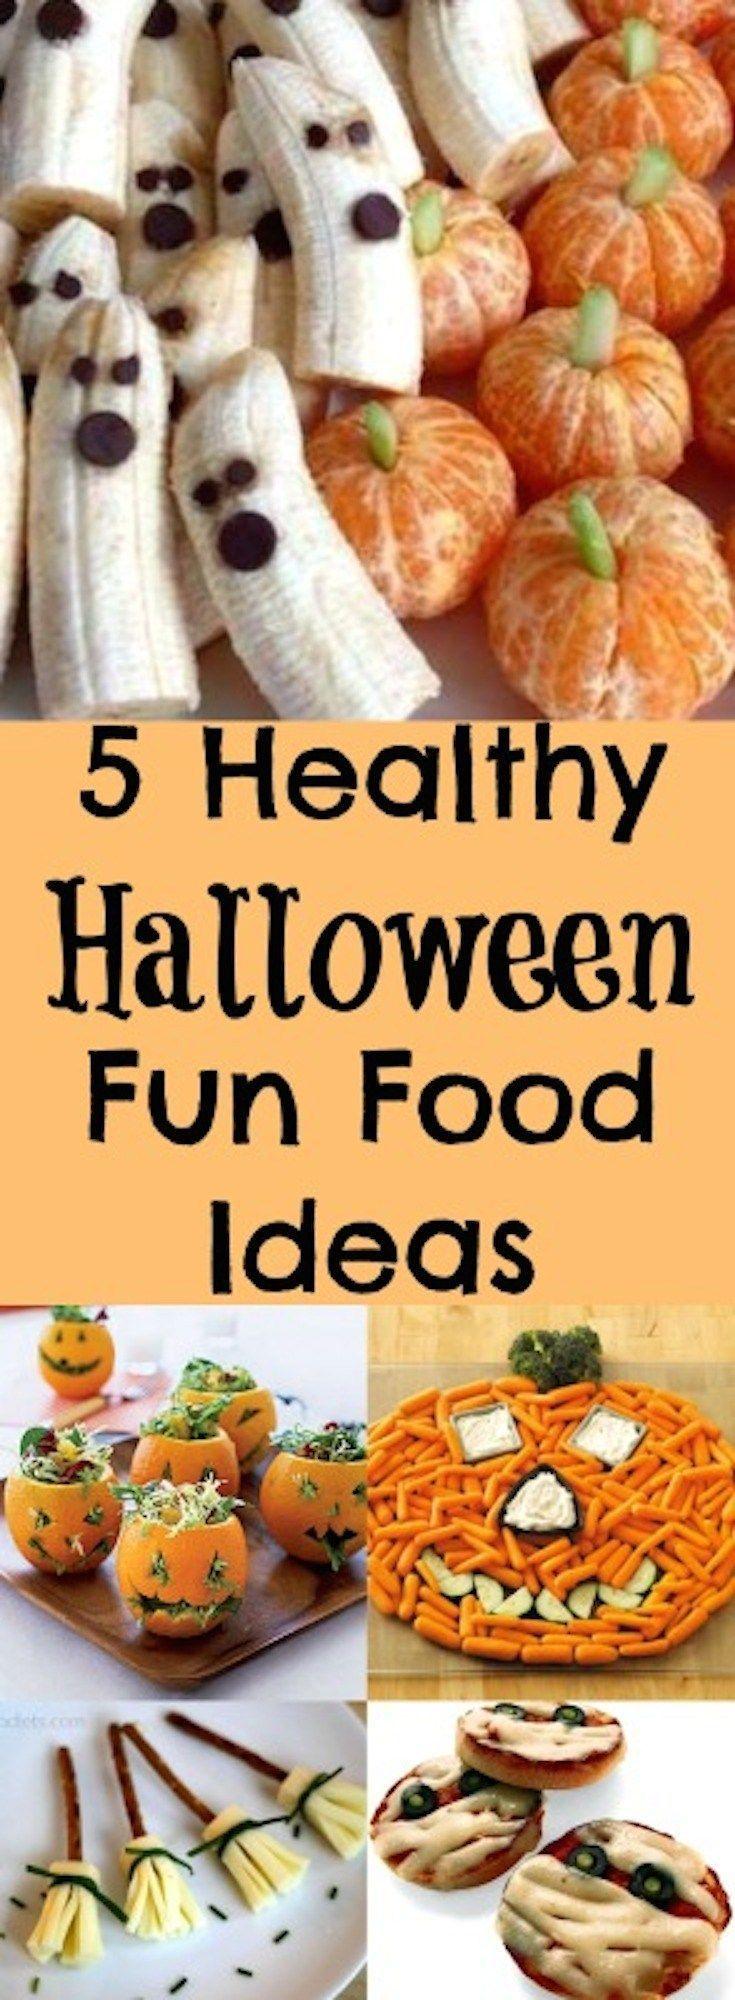 5 healthy halloween fun food ideas | pinterest | healthy halloween